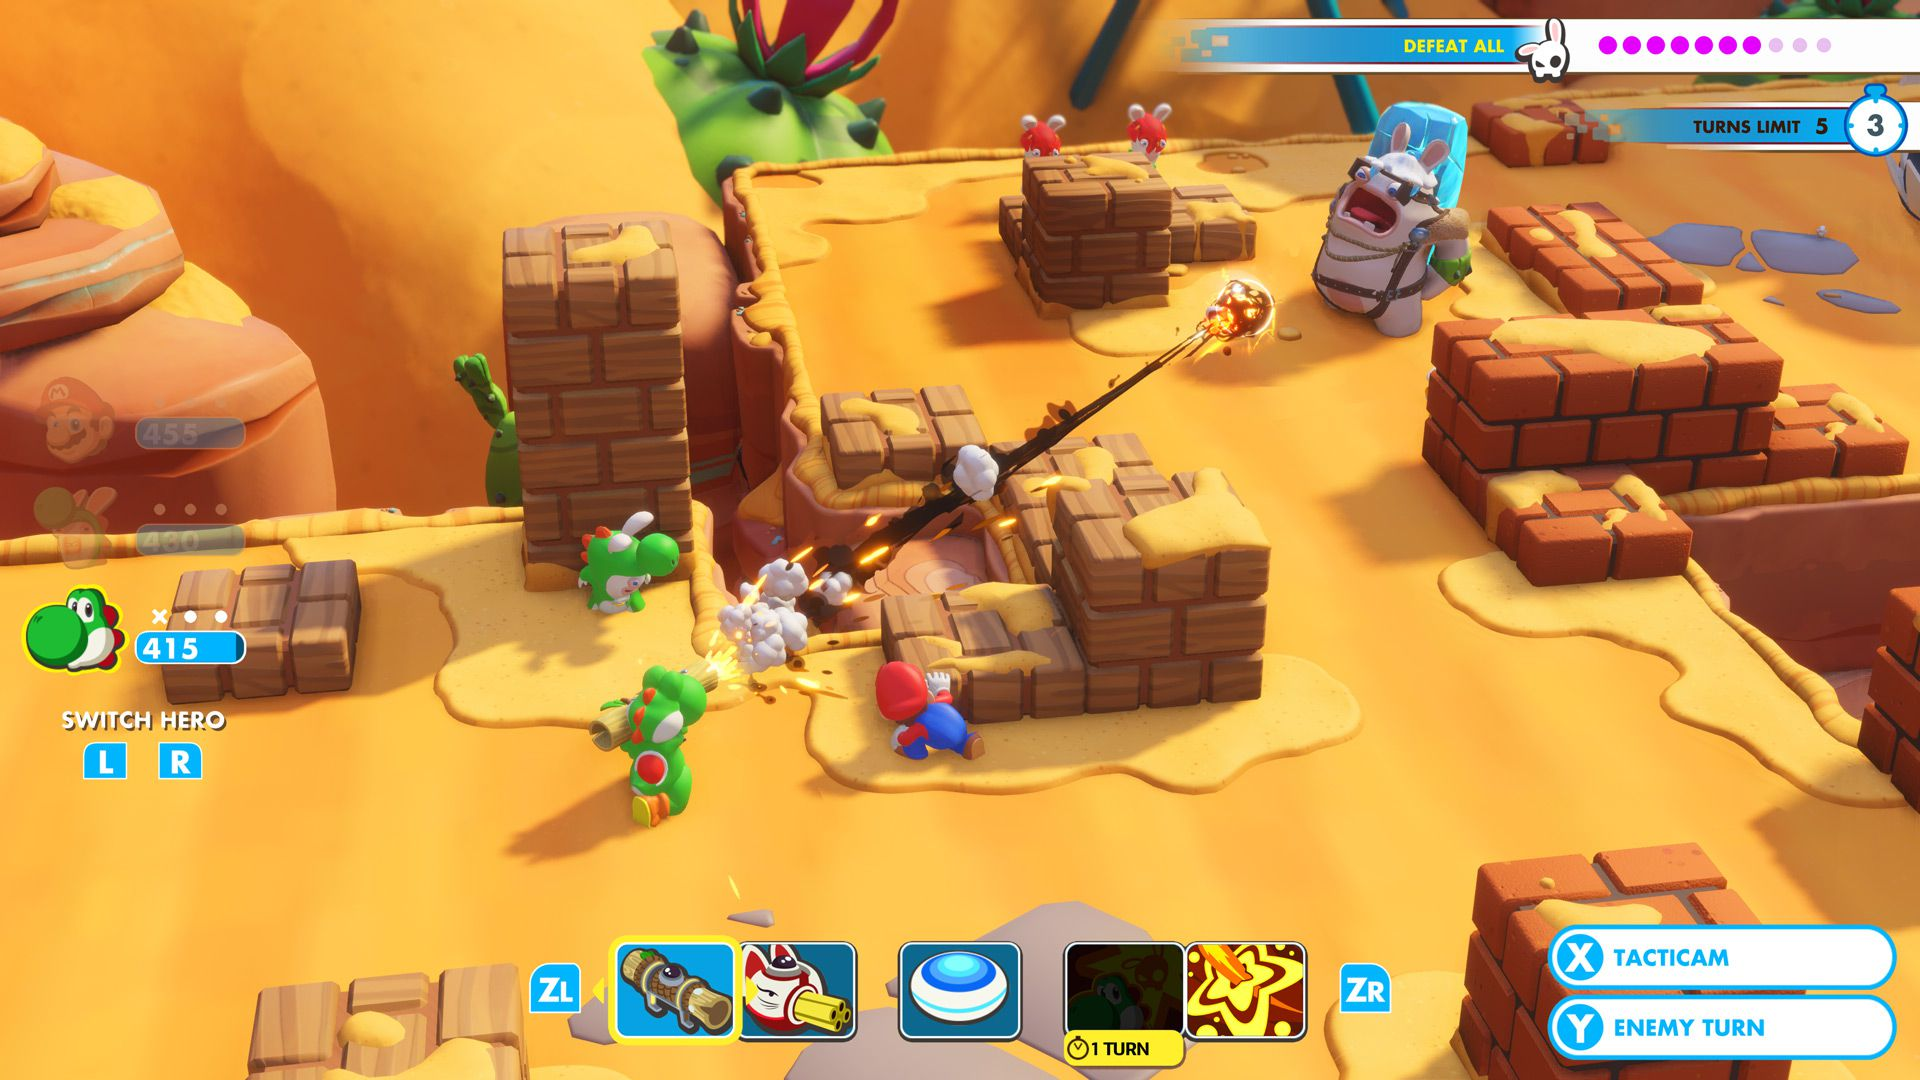 Images Du Jeu Mario The Lapins Crétins Kingdom Battle Gamekult